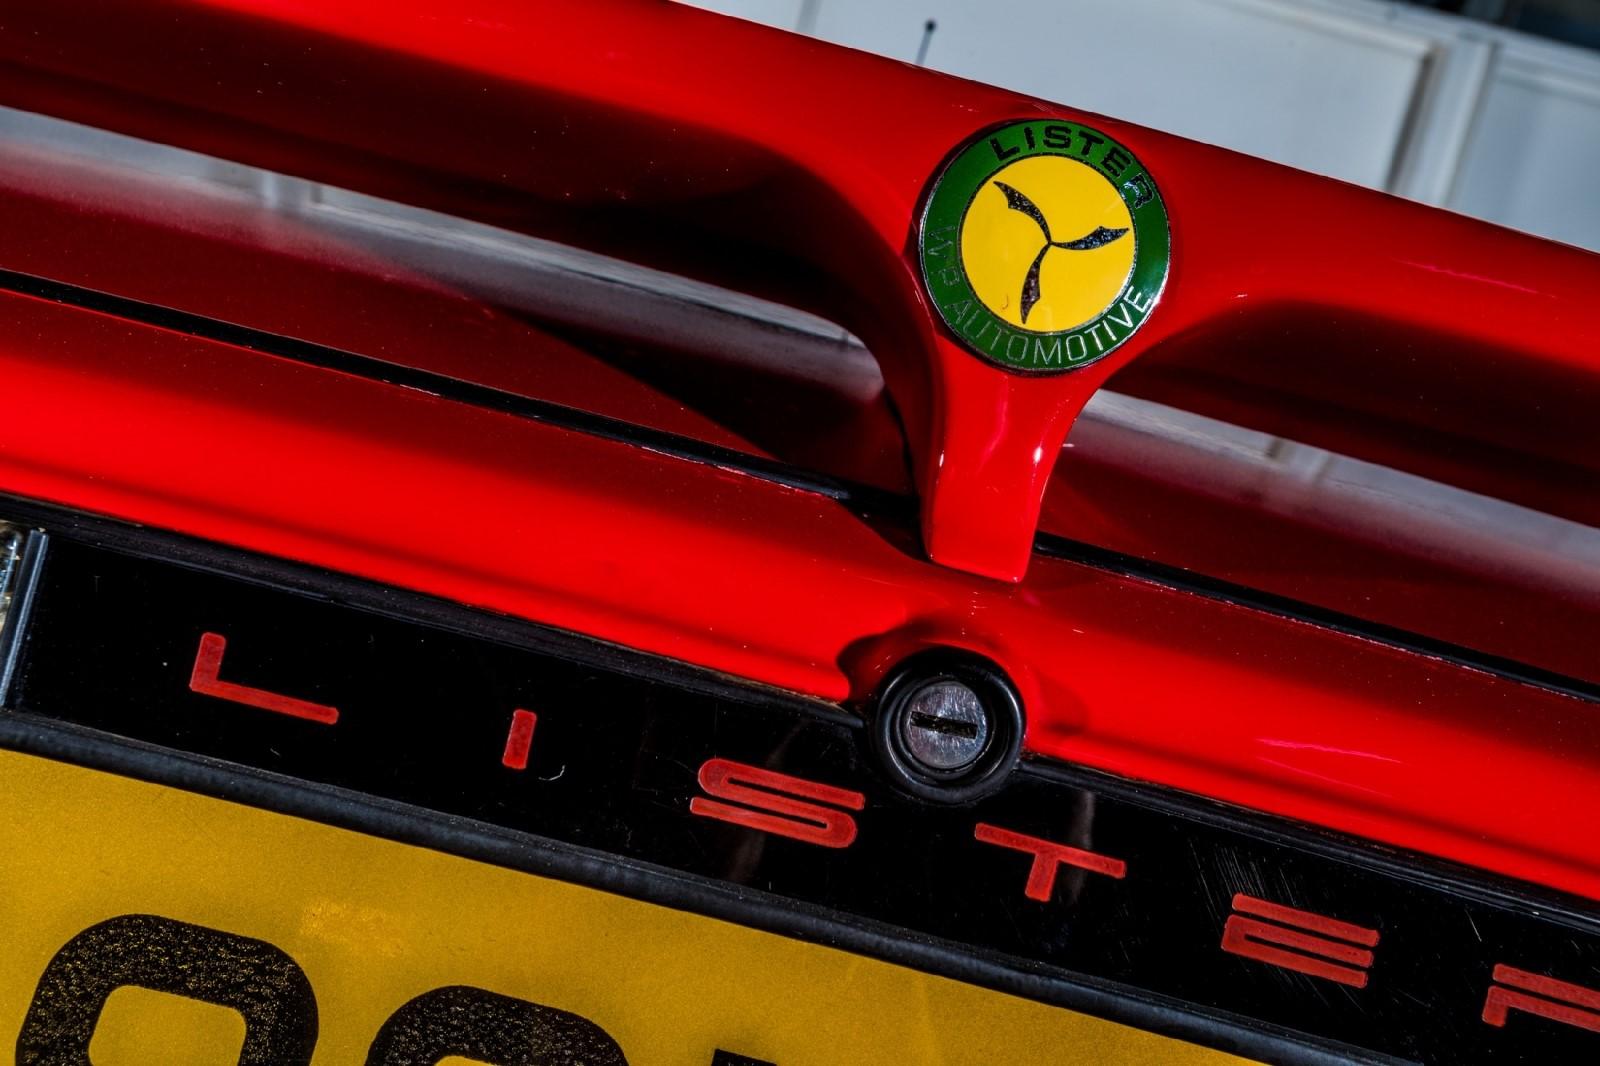 Lister Jaguar XJS 7.0 Le Mans Coupe for sale (20)